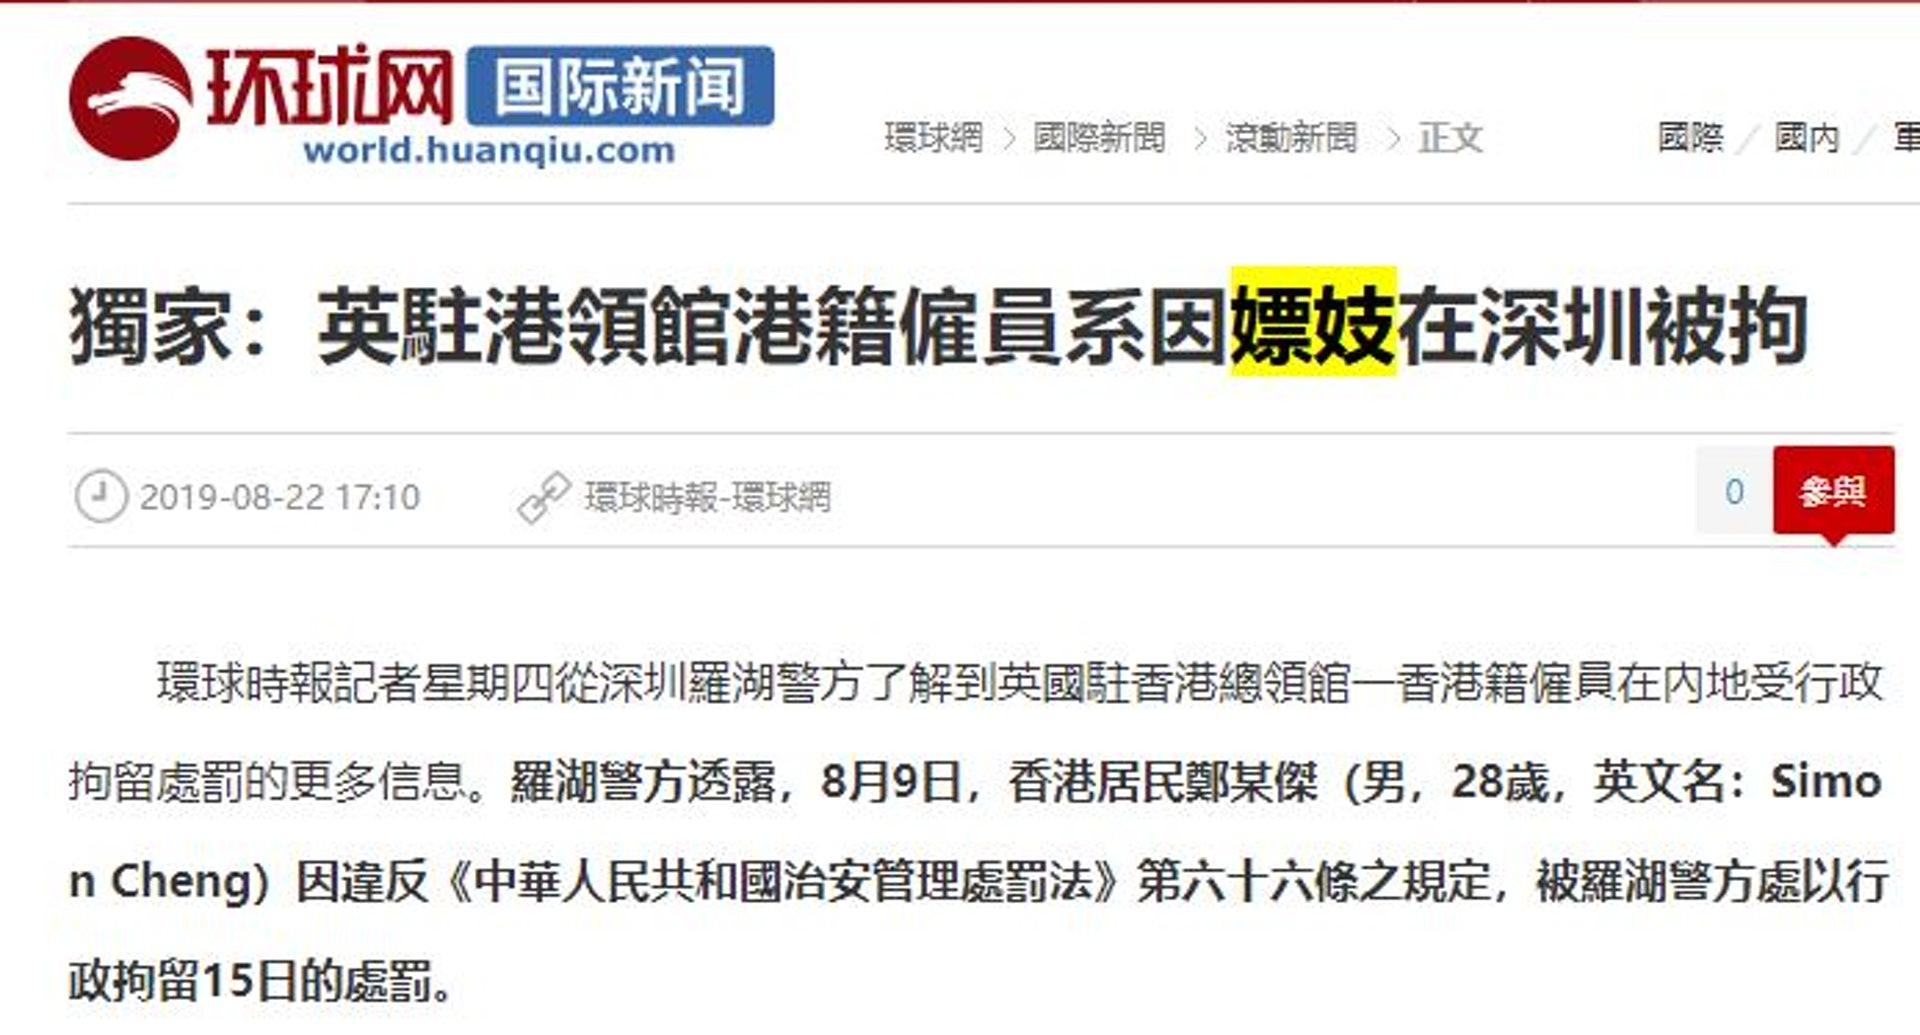 《環球網》報道指鄭文傑「因嫖妓在深圳被拘」。(網站截圖)